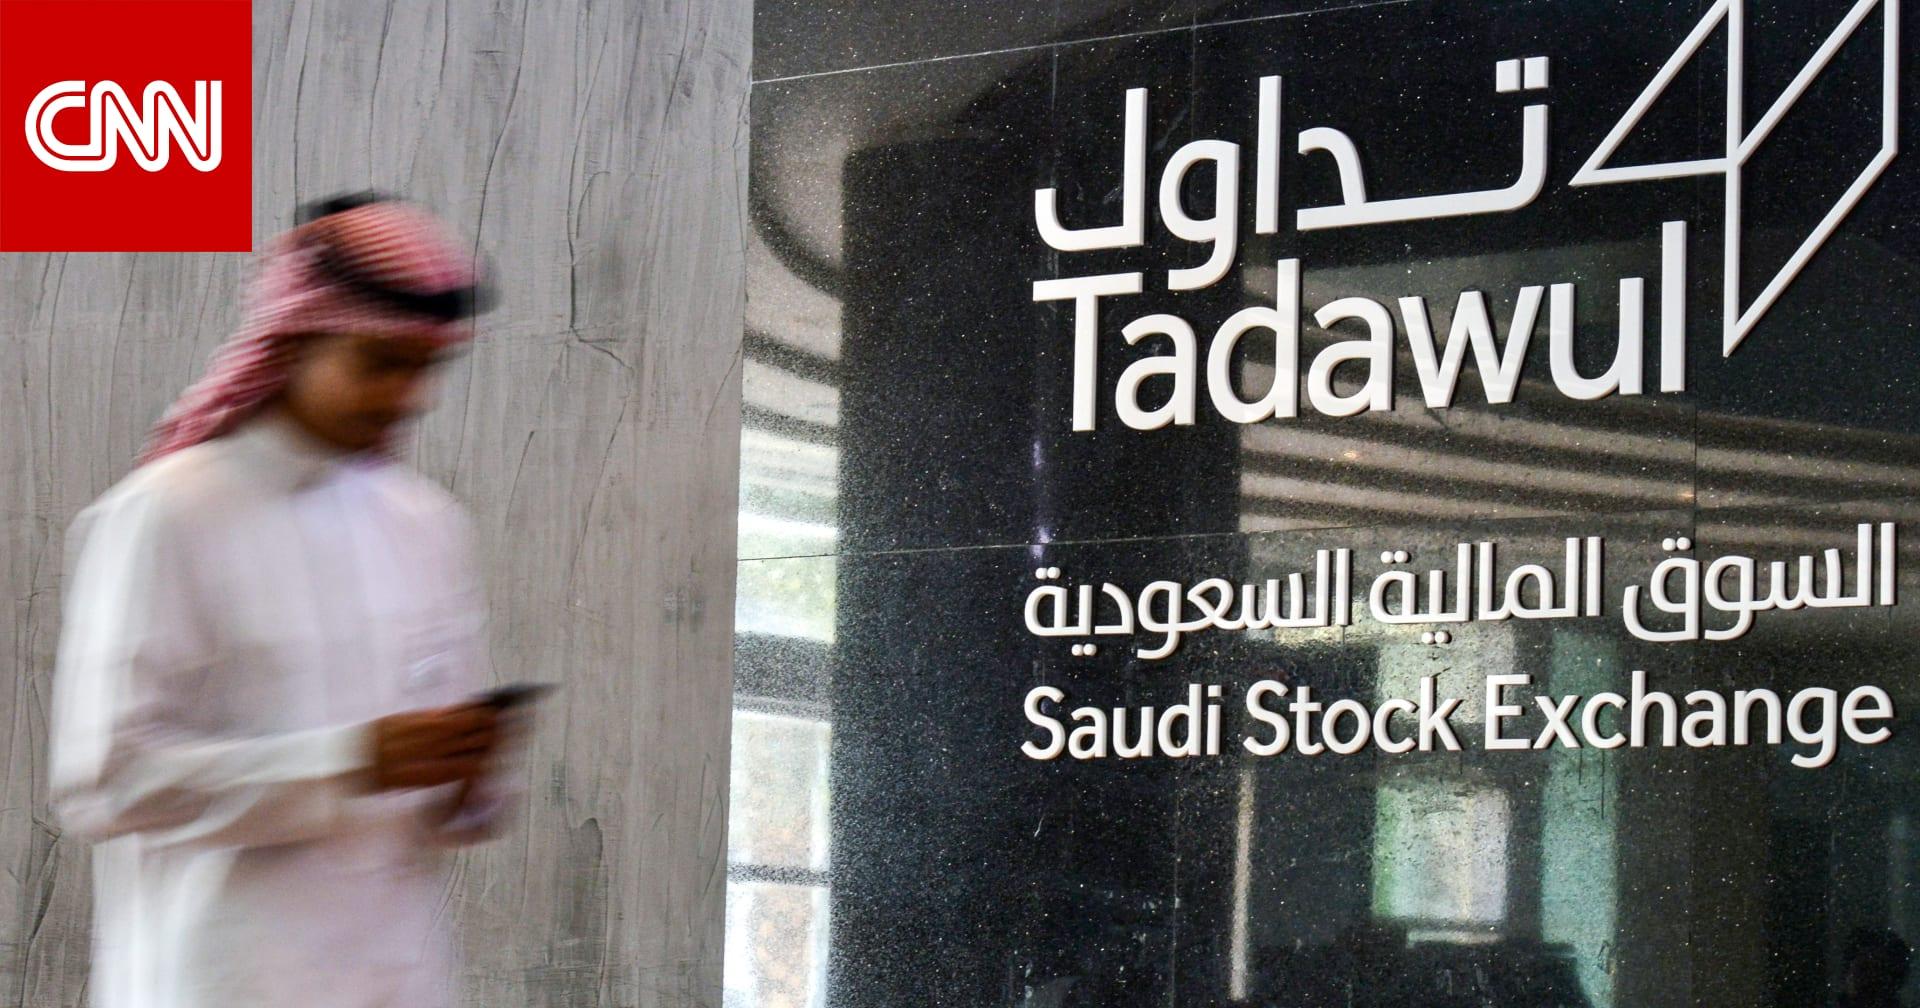 السوق المالية السعودية تلغي إدراج أسهم مجموعة سامبا المالية